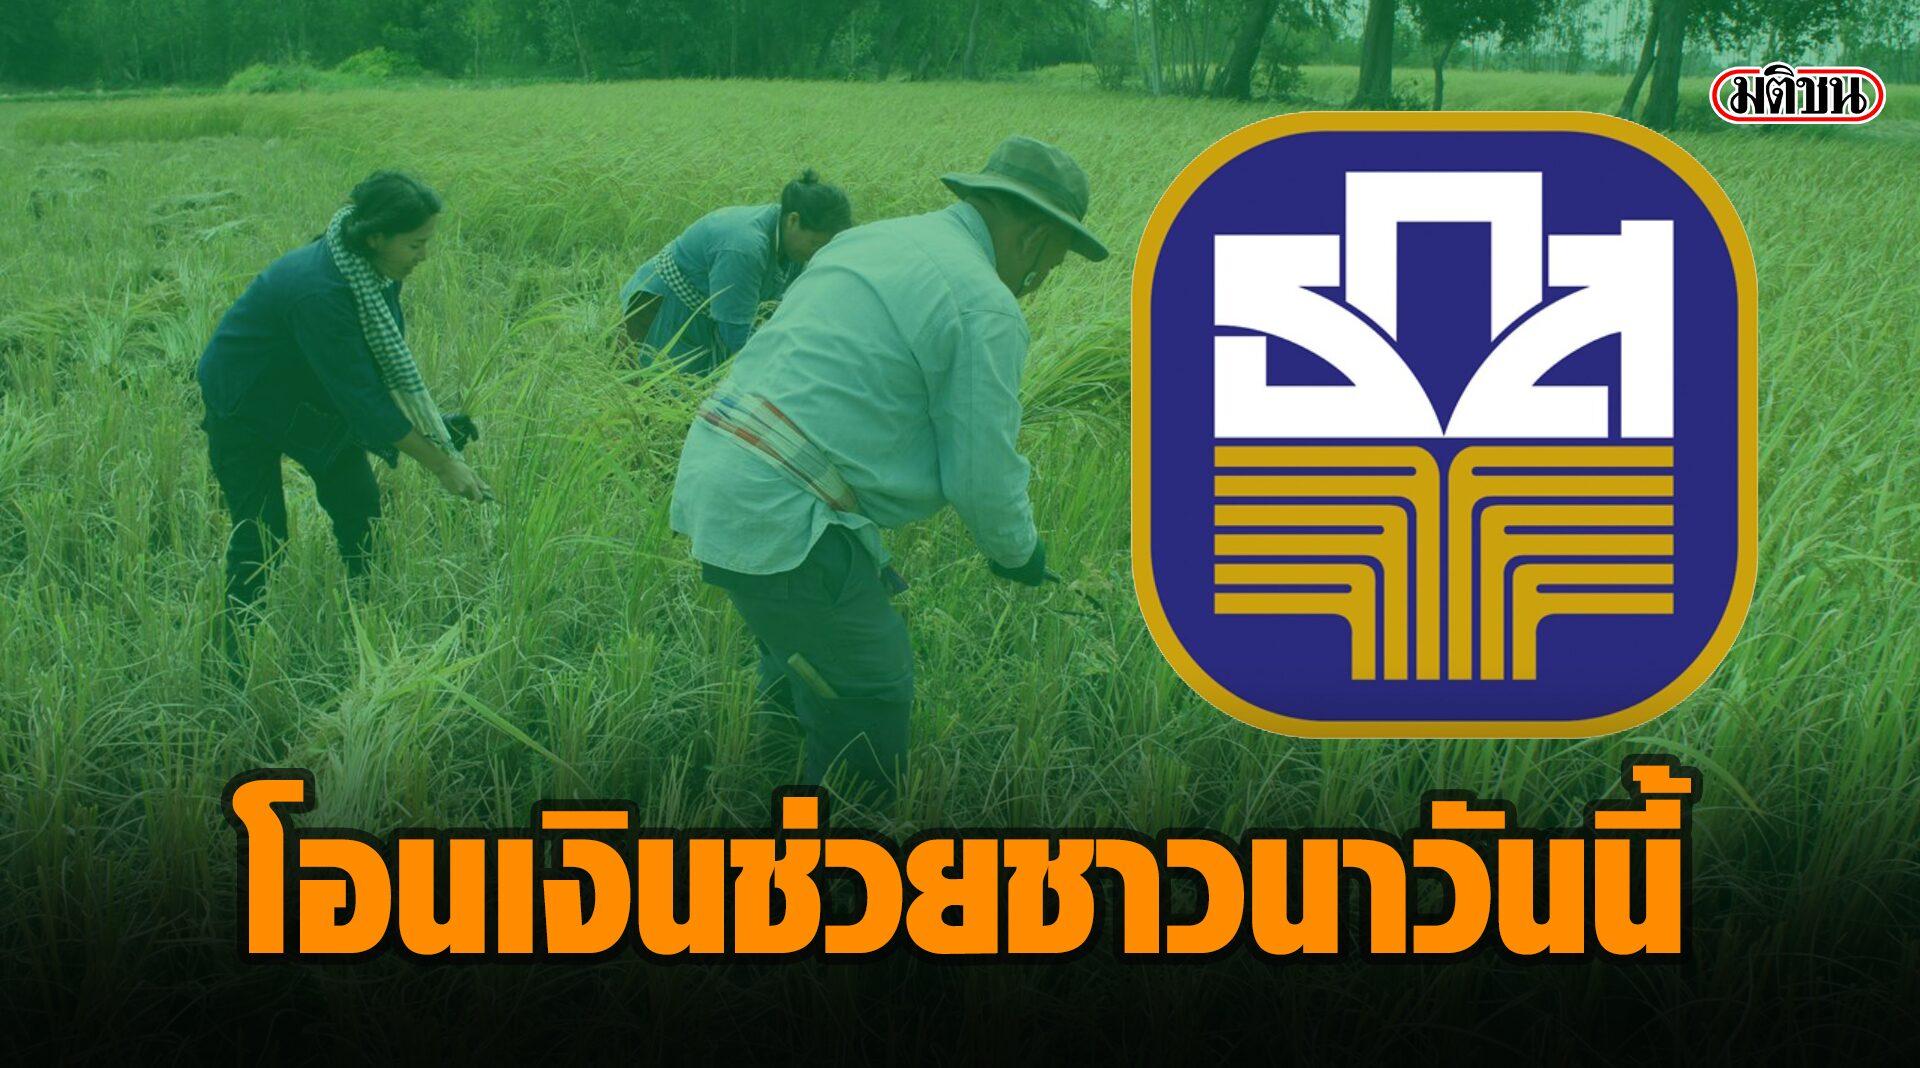 เริ่มแล้ว! 'ธ.ก.ส.' โอนเงินช่วยชาวนาไร่ละ 500 บาท หวังผยุงเกษตรกร 4.56 ล้านราย